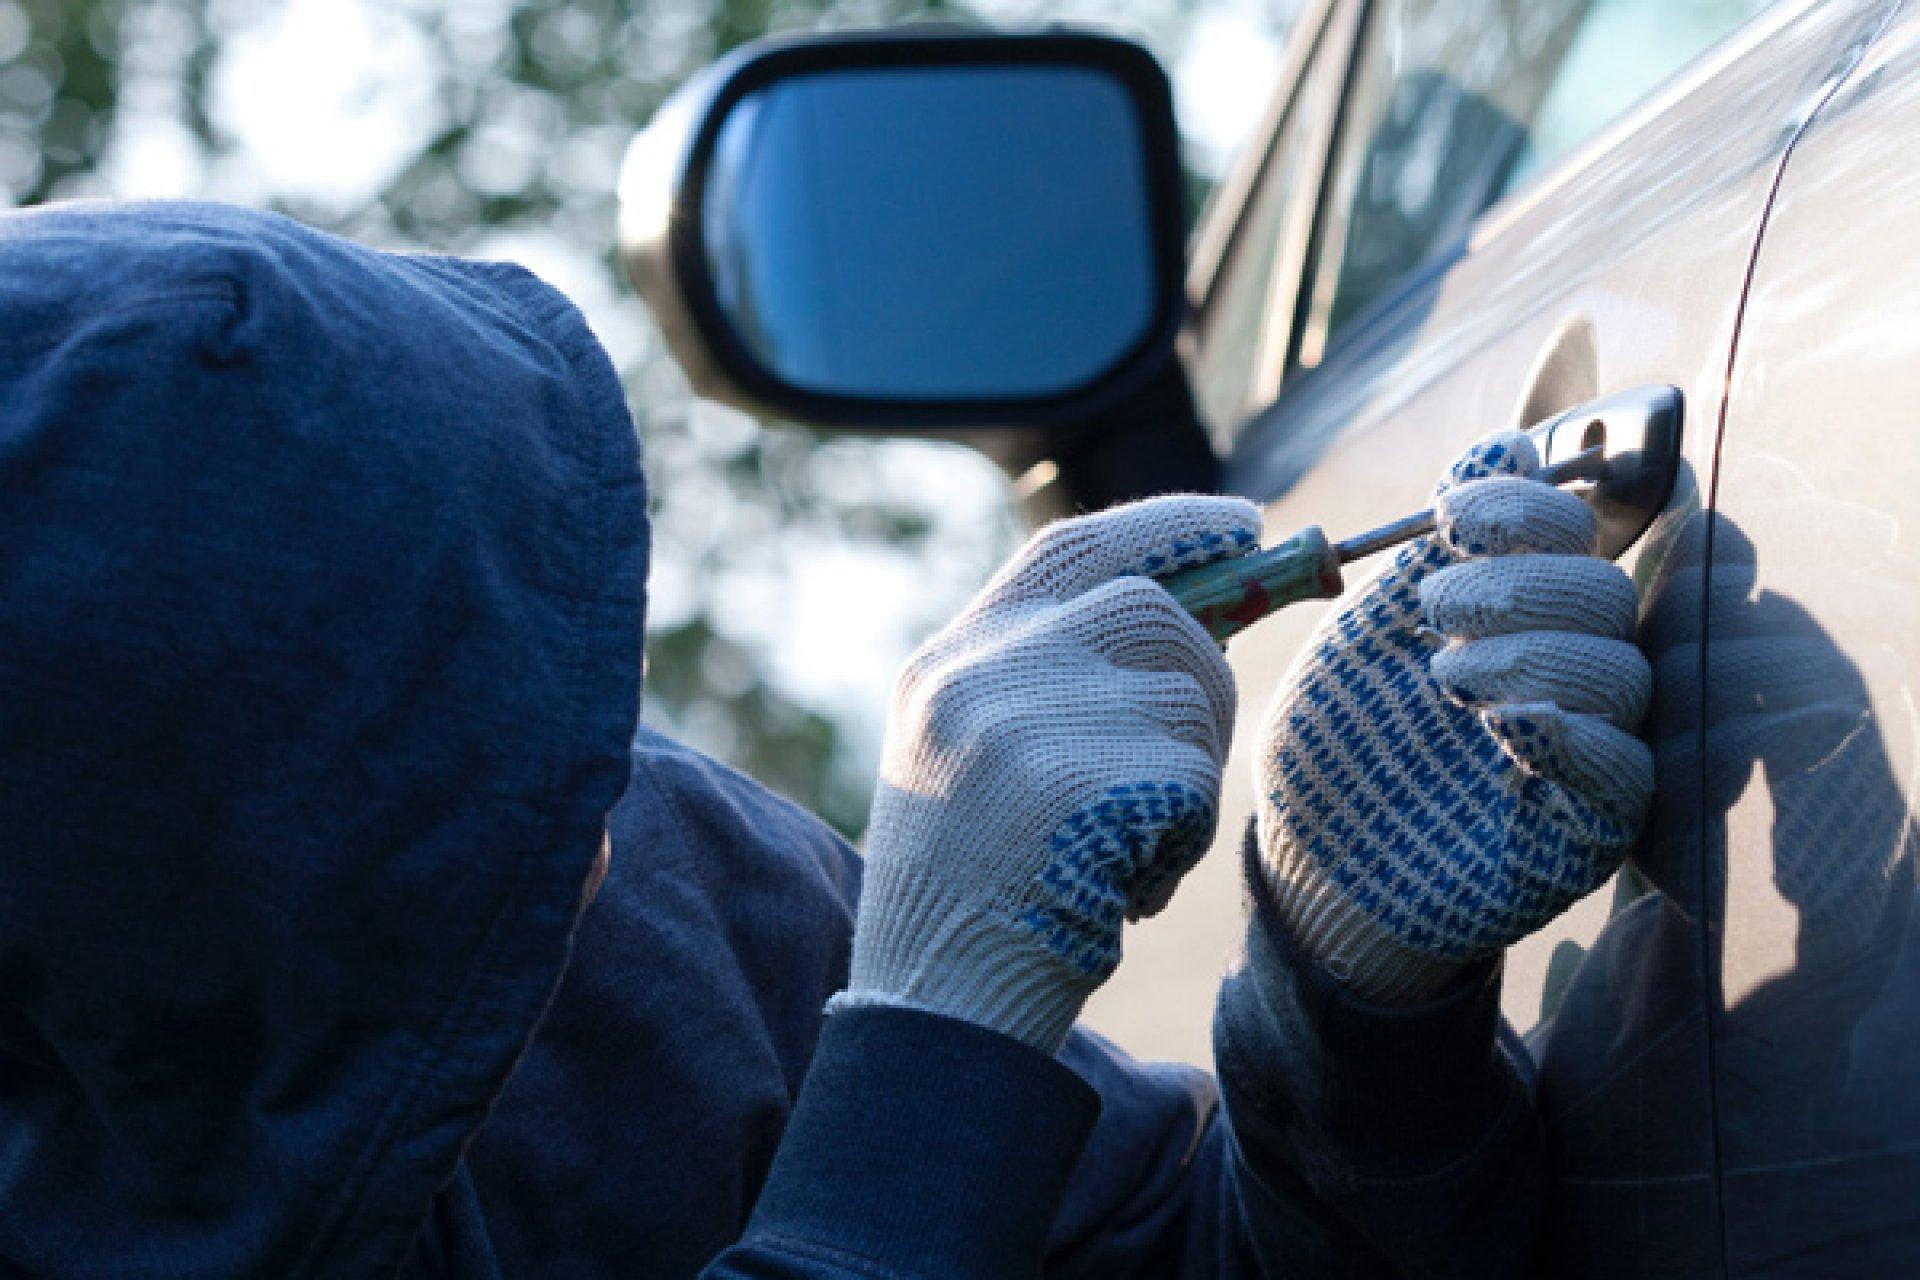 Меры профилактики краж из автомобиля